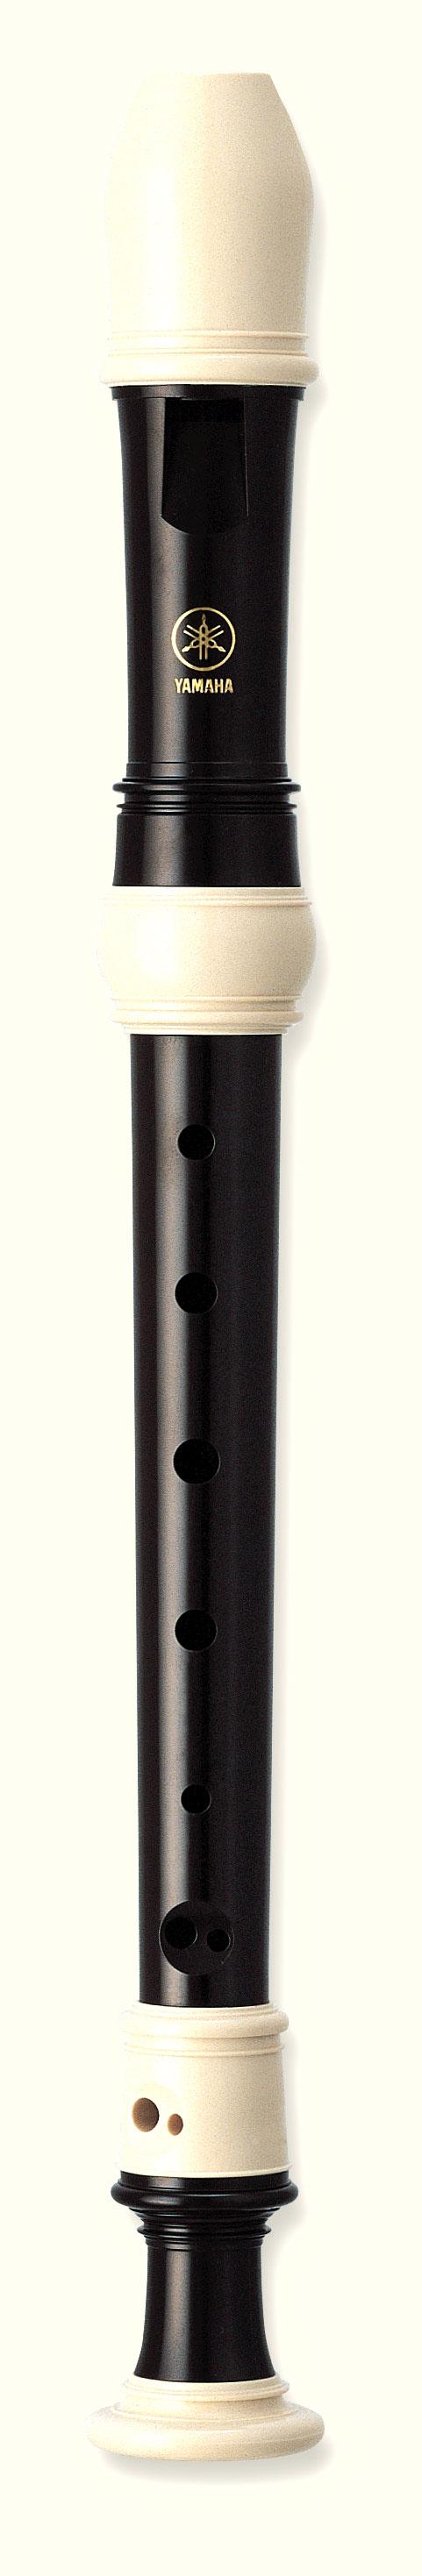 ヤマハ ABS樹脂製リコーダー YRS-301III